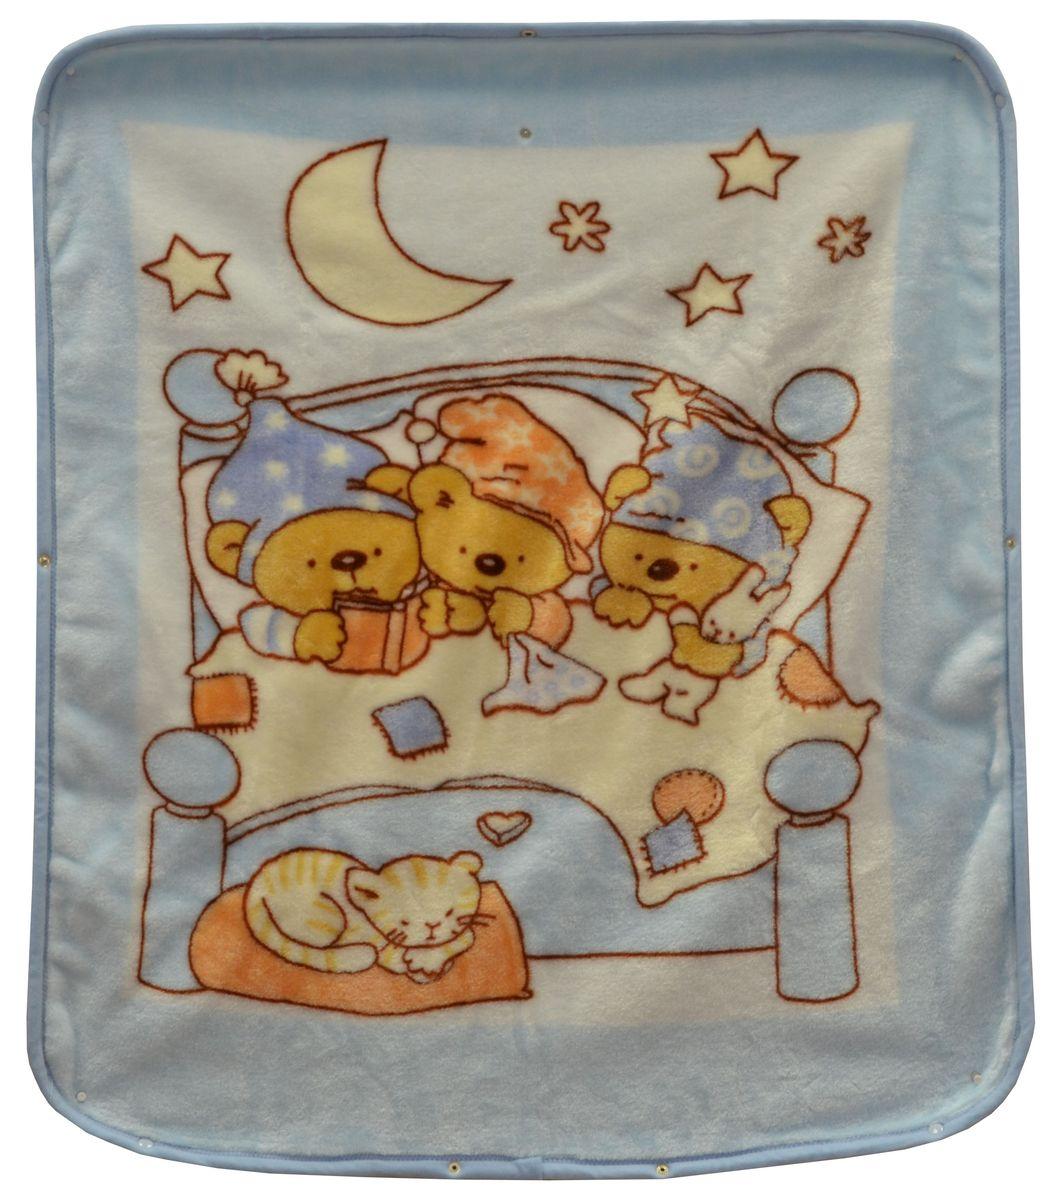 Bonne Fee Плед детский Плед-накидка для младенцев на молнии, 80 х 90 см, голубойОНДК/300-гол2Защита, тепло и комфорт для малышей - использован надёжный, качественный и мягкий материал! Удобство и спокойствие для родителей обеспечивается универсальностью пледа-накидки, конструкция которого позволяет ему легко превращаться в конвертик. Отличное качество и практичность! Любите своего ребёнка и дарите ему лучшее!